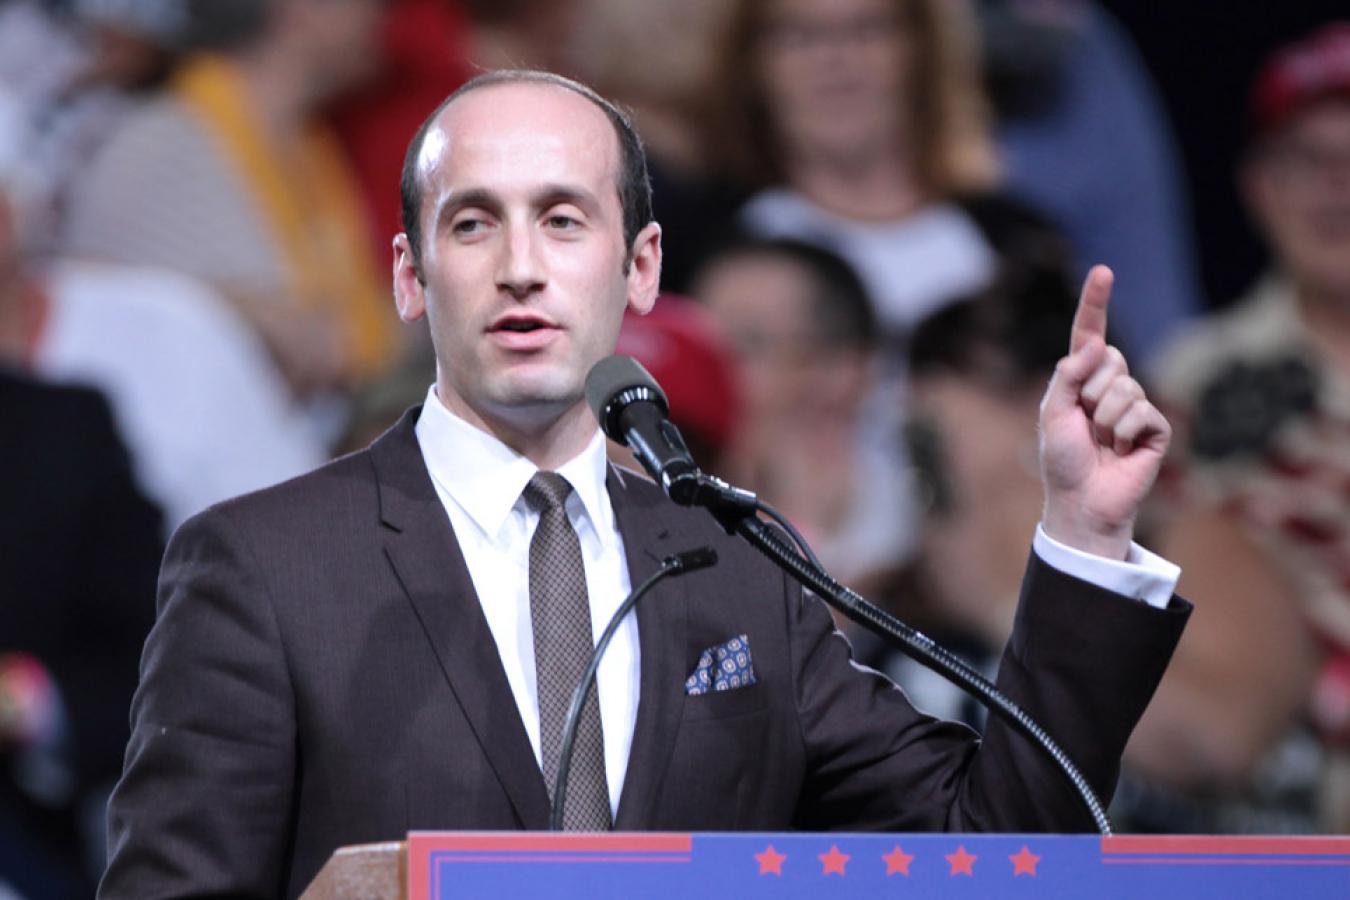 Political Advisor Stephen Miller